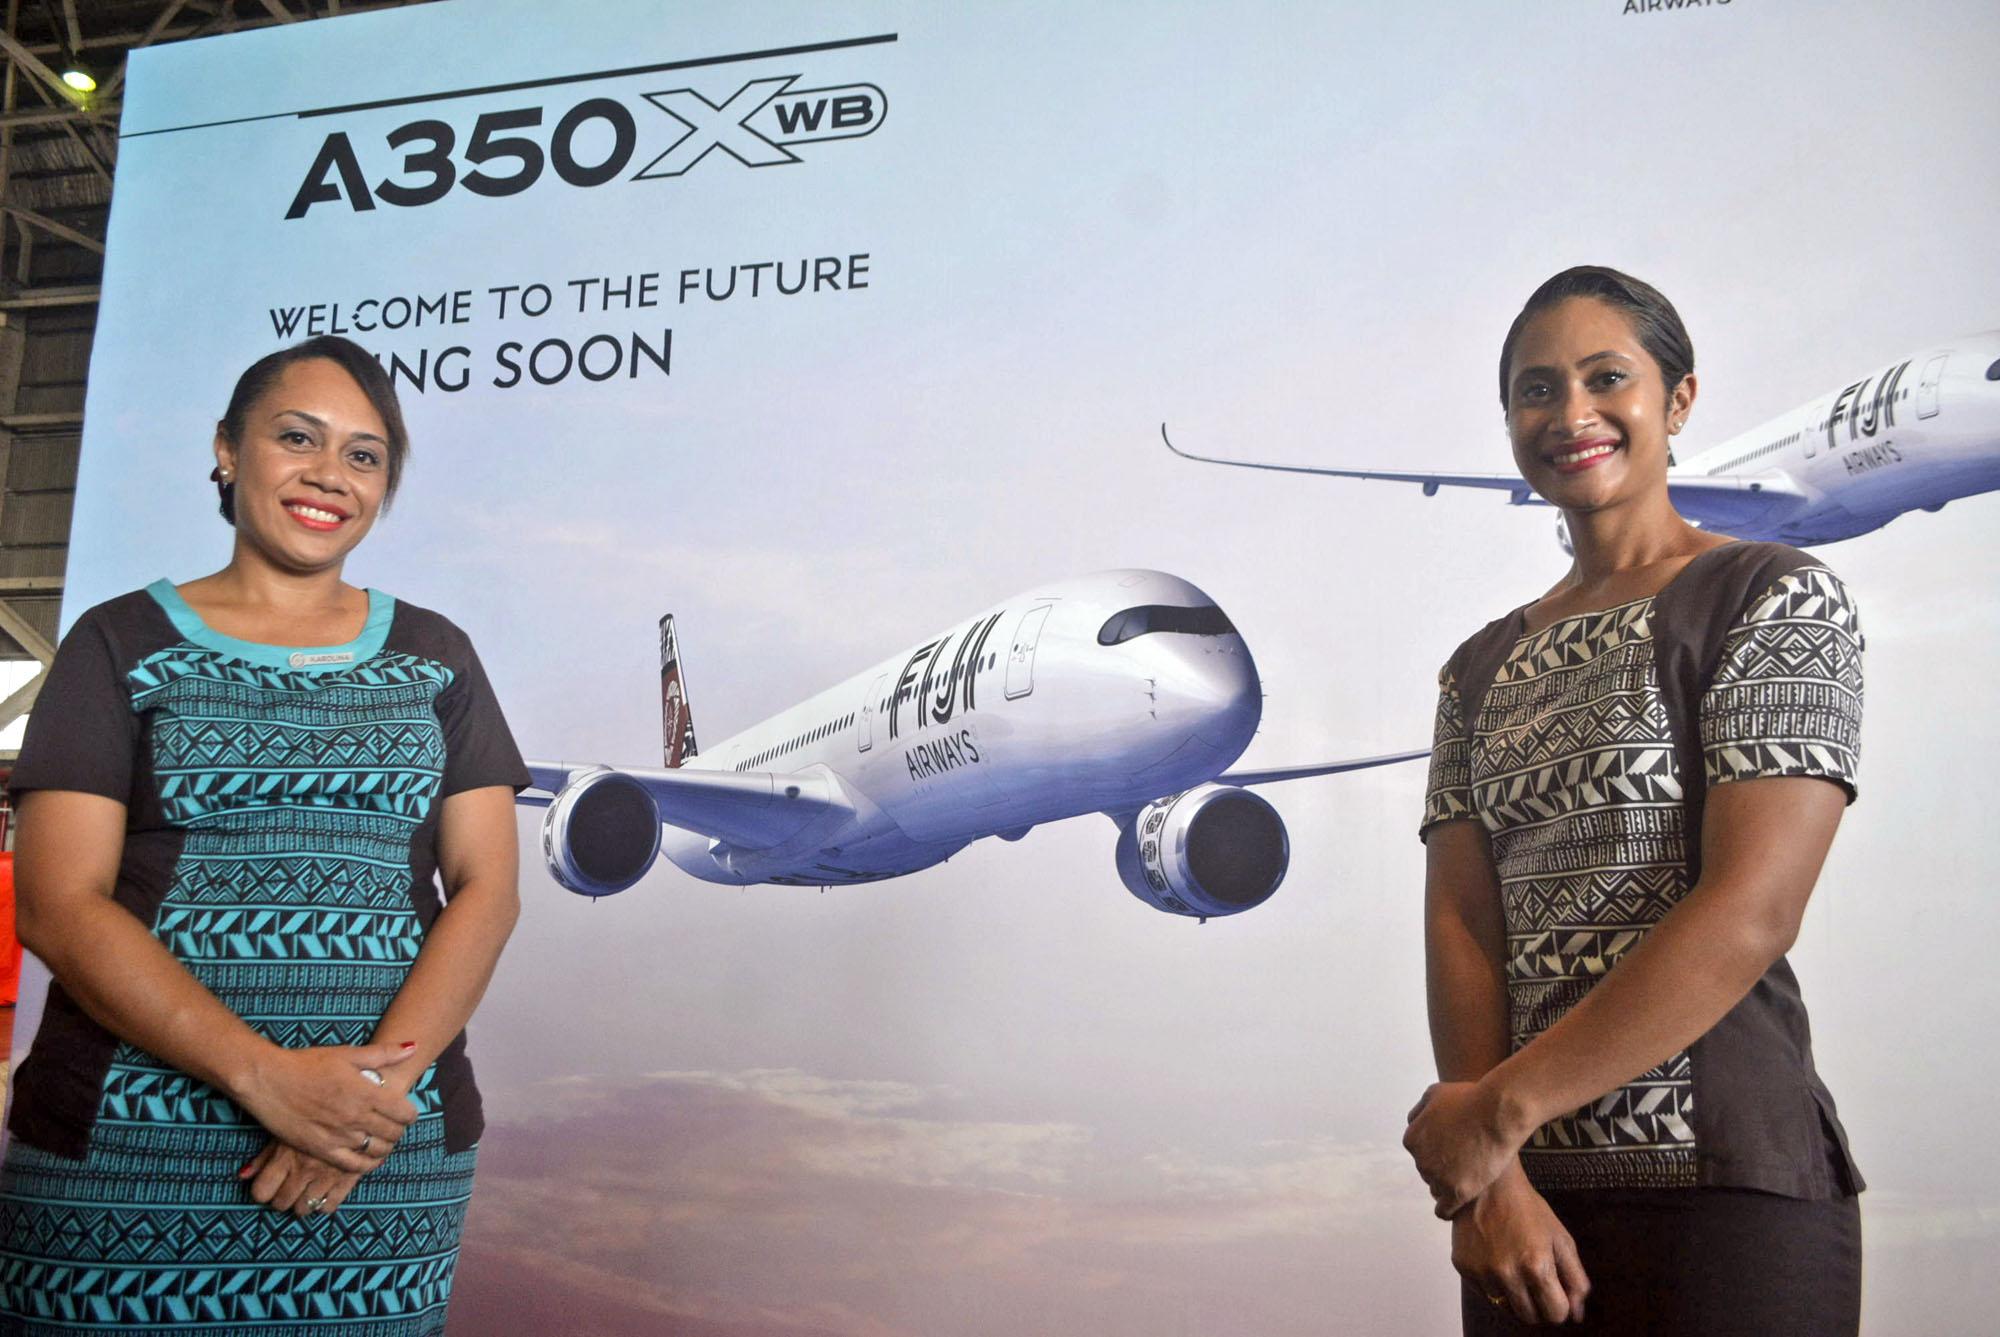 Resultado de imagen para Fiji Airways A350